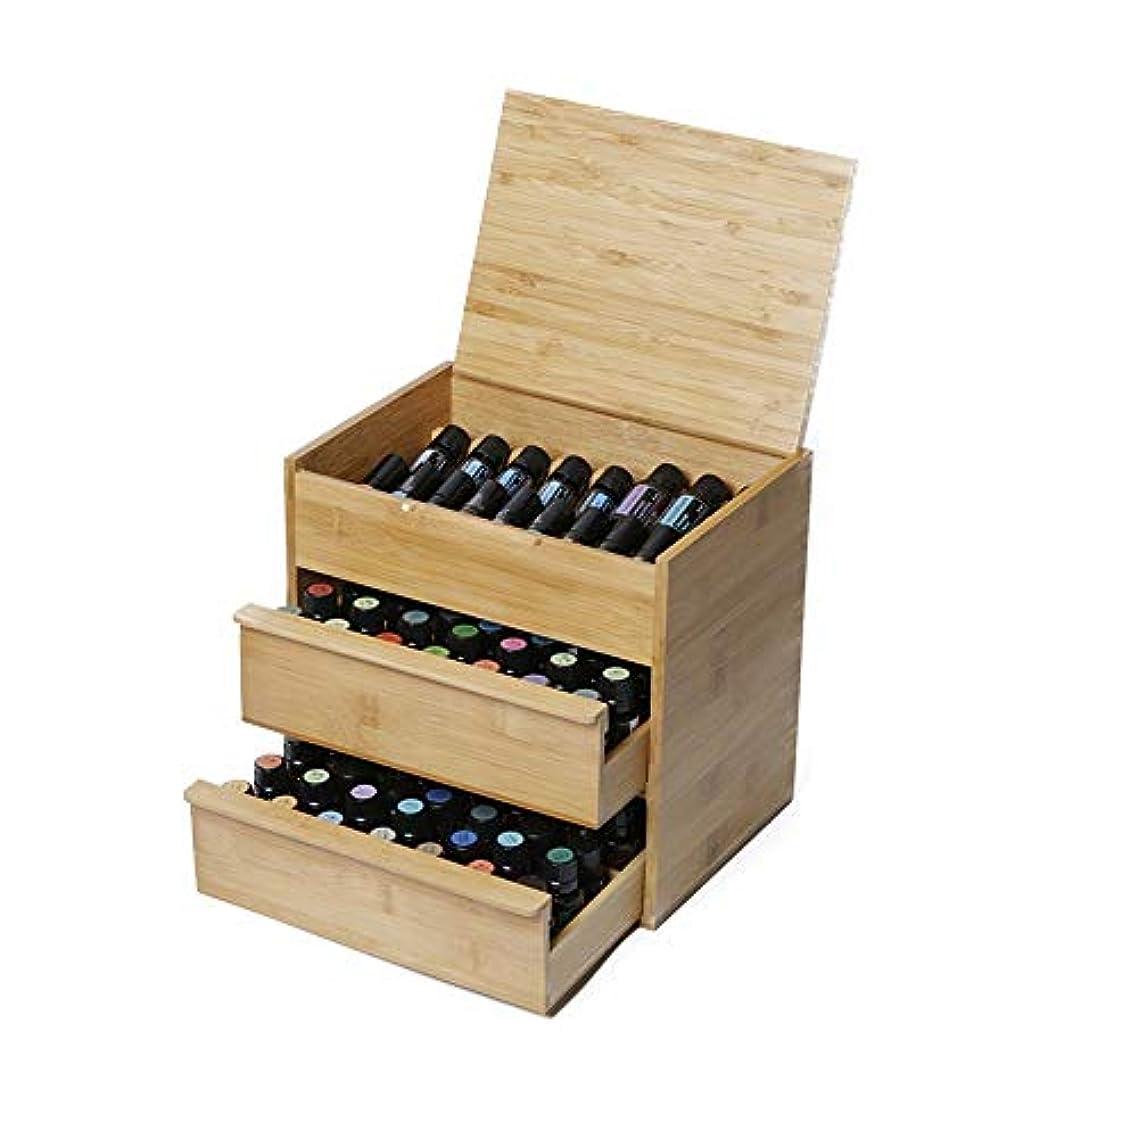 助言法医学に話す88スロット木エッセンシャルオイルボックス3ティアボード内部リムーバブルは15/10/5 M1のボトル天然竹を開催します アロマセラピー製品 (色 : Natural, サイズ : 26.5X24.5X19CM)